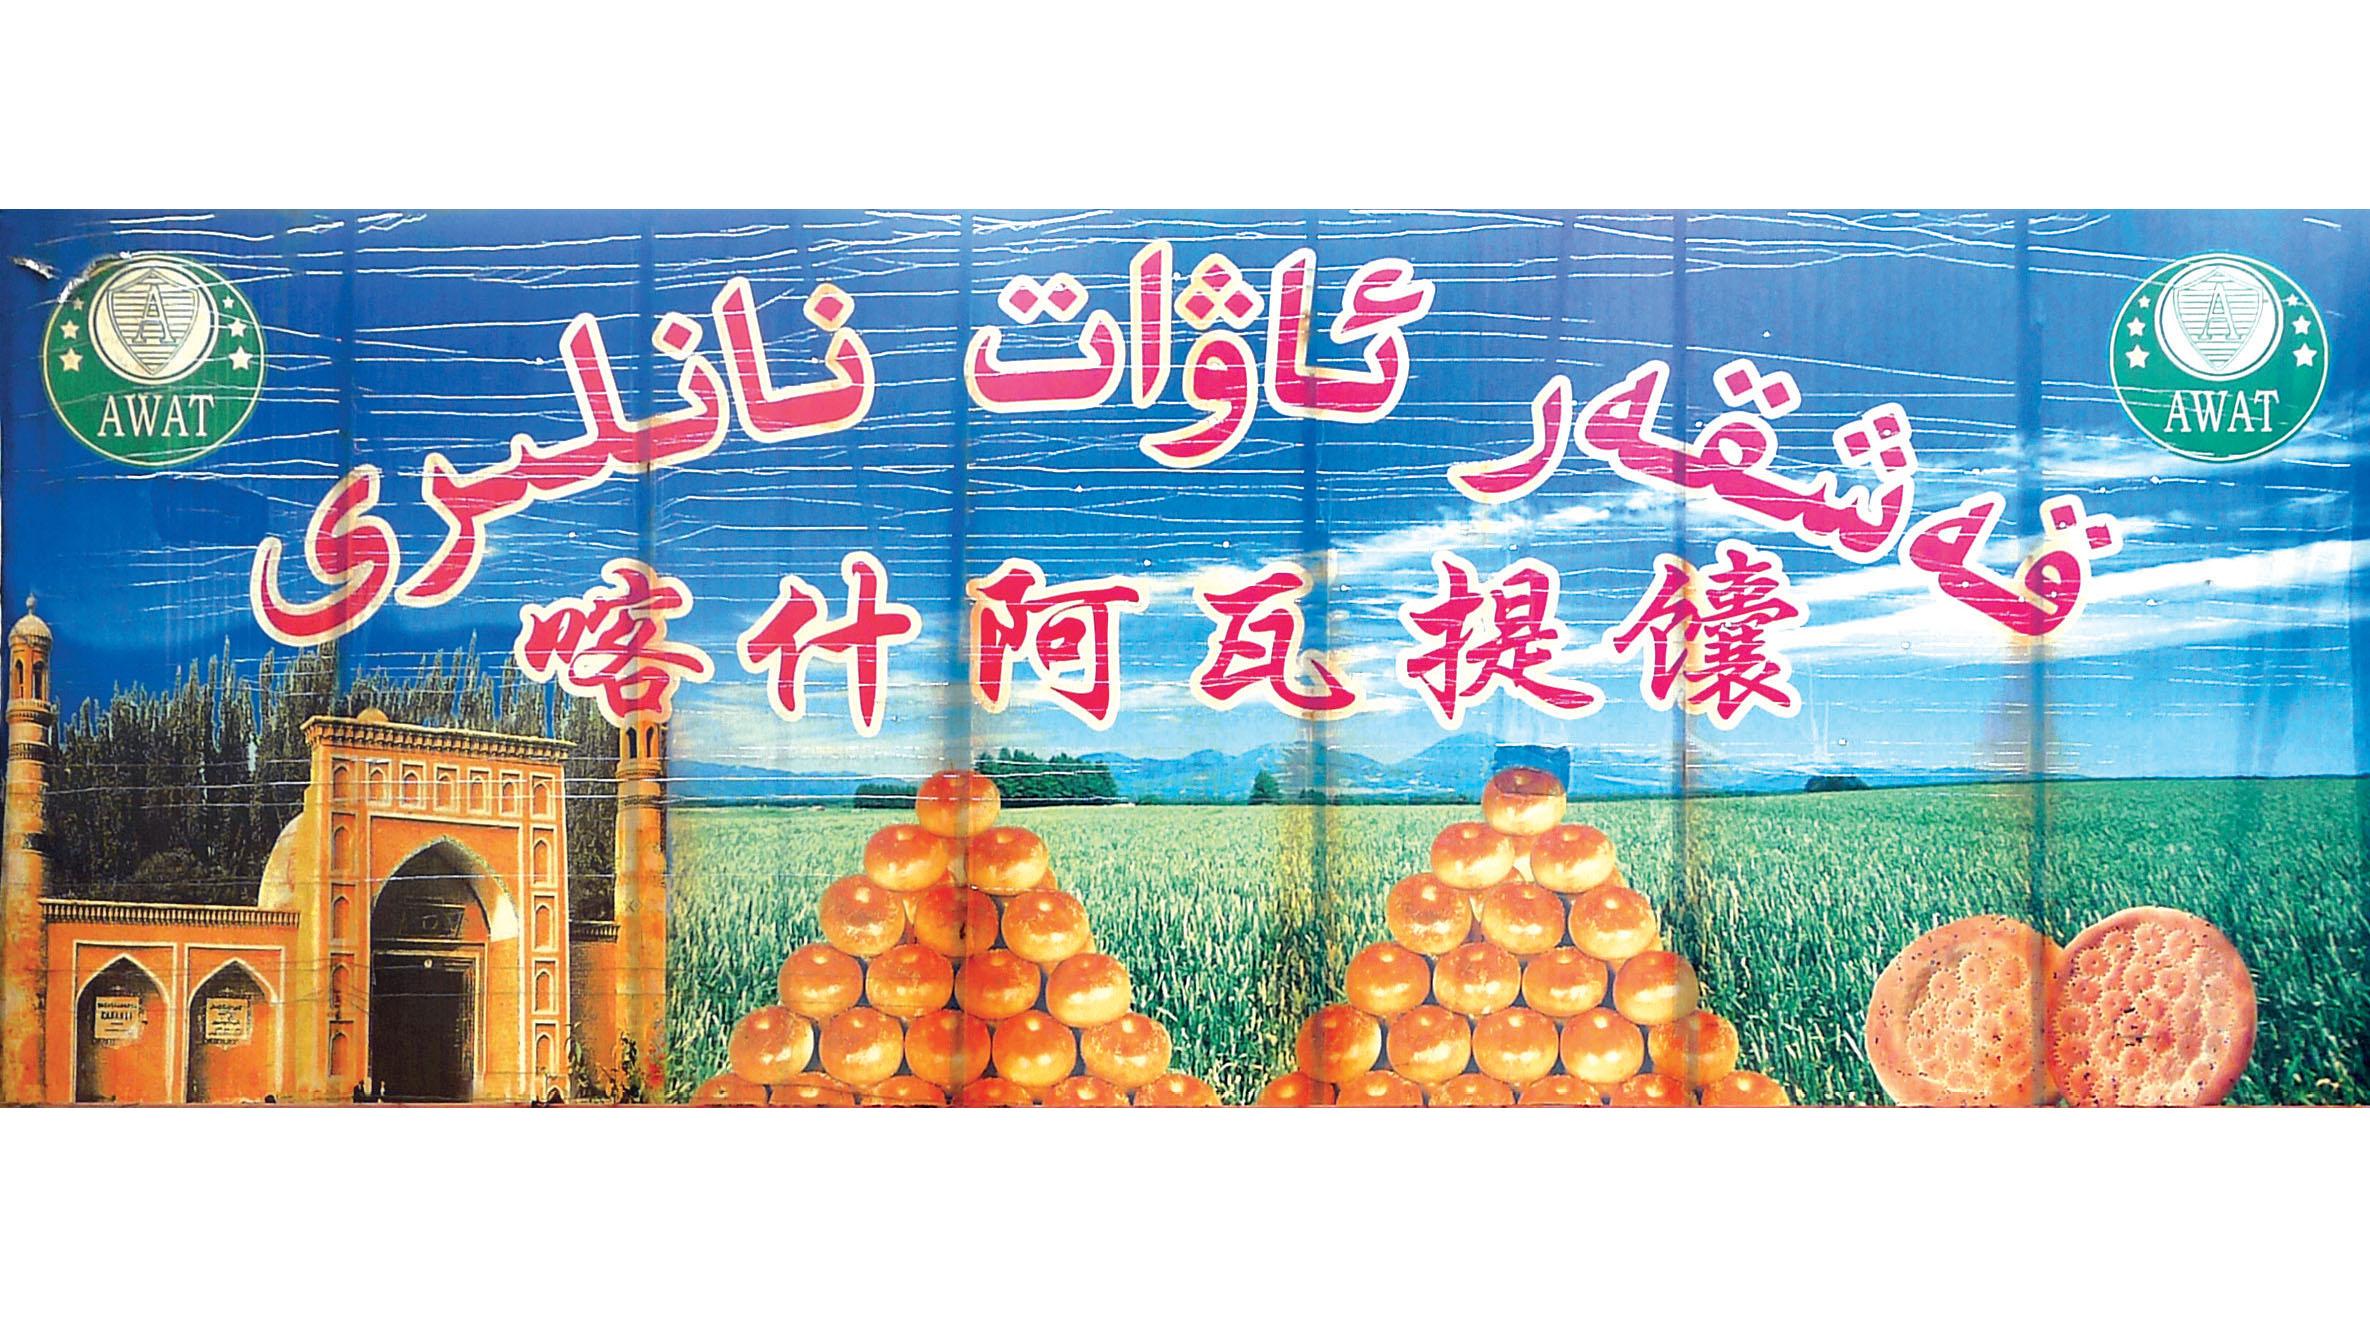 """新疆自治区的广告牌,上书""""喀什阿瓦提(农家)馕"""